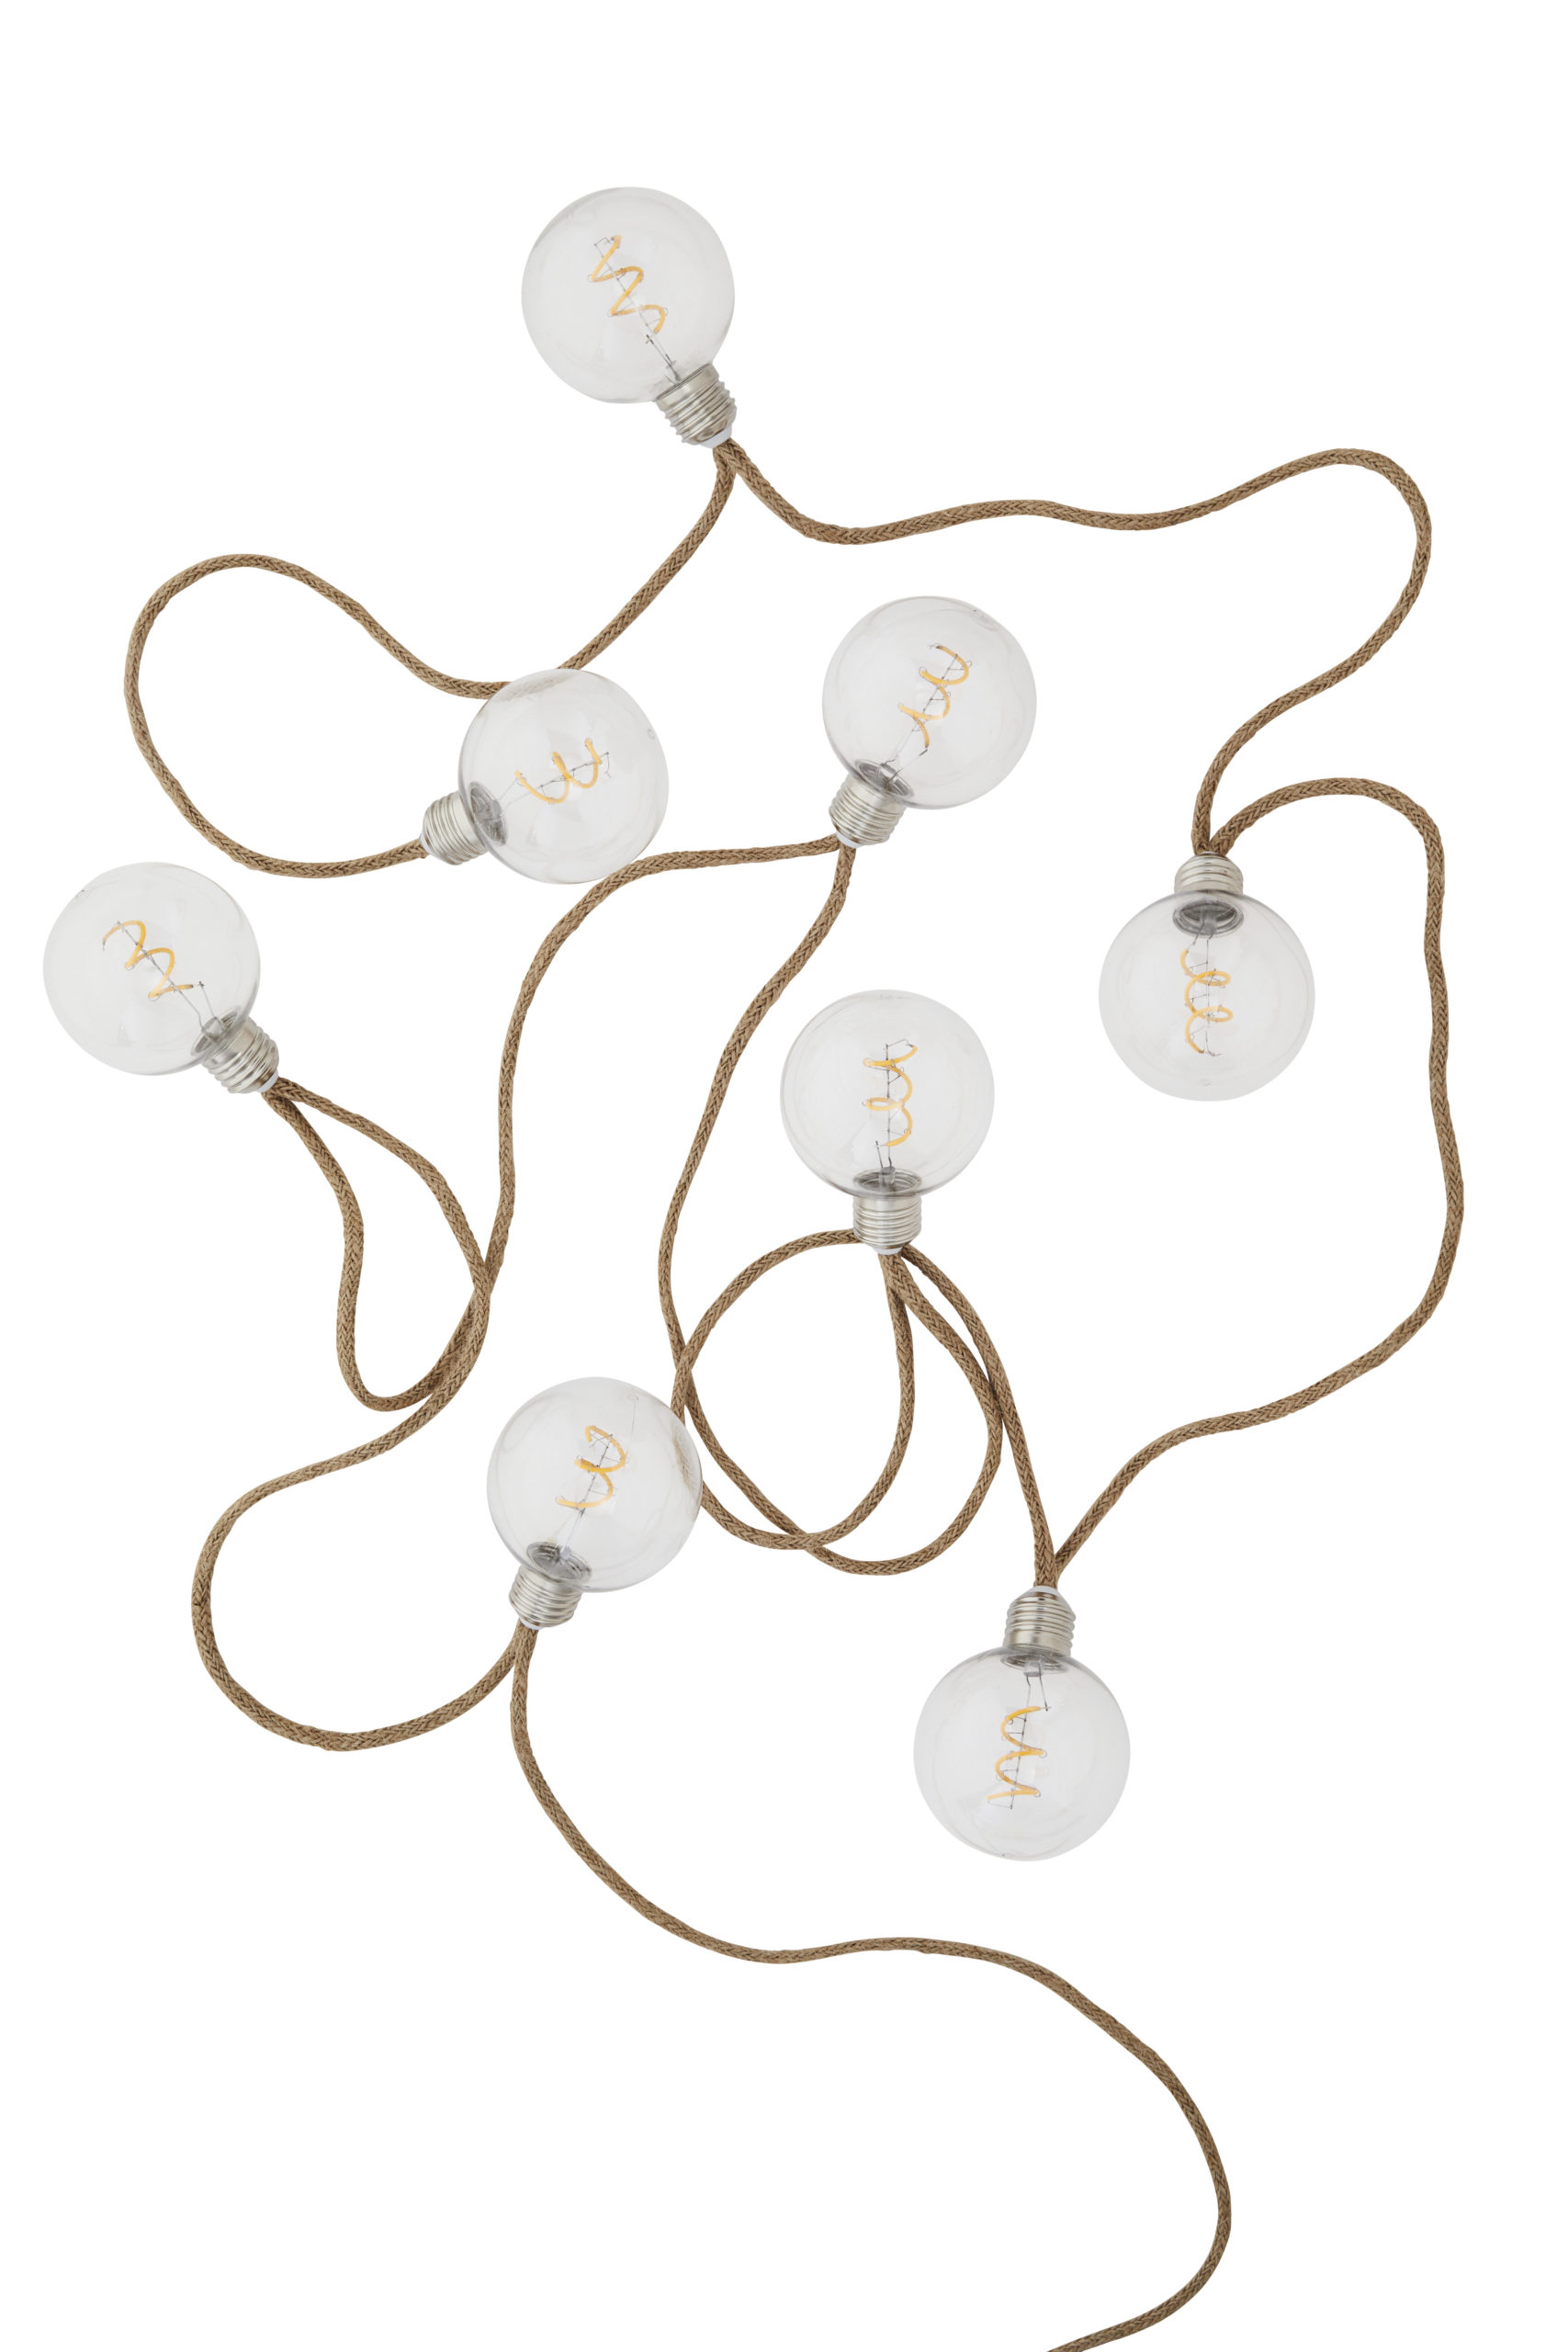 Guirlande lumineuse d'intérieur 8 lampes en jute * Madam Stoltz